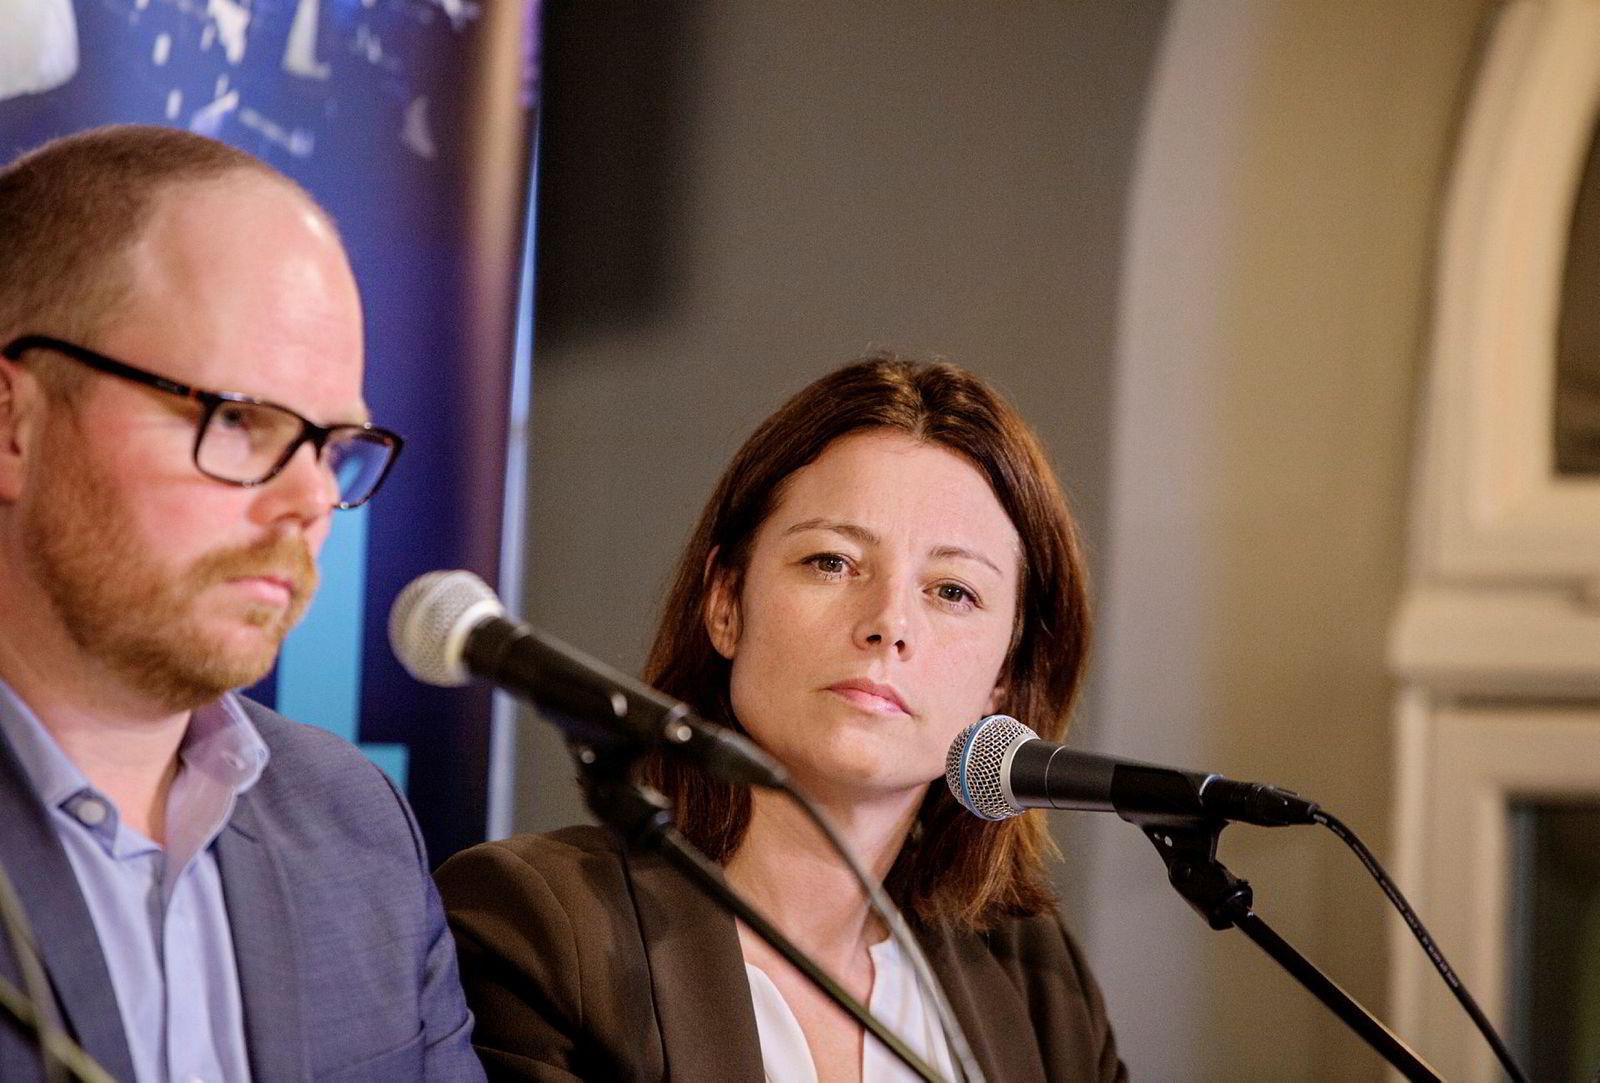 Organisasjons- og kommunikasjonsdirektør i TV2, Sarah Willand. Her i debatt med sjefredaktør i VG, Gard Steiro, ved en tidligere anledning i høst.